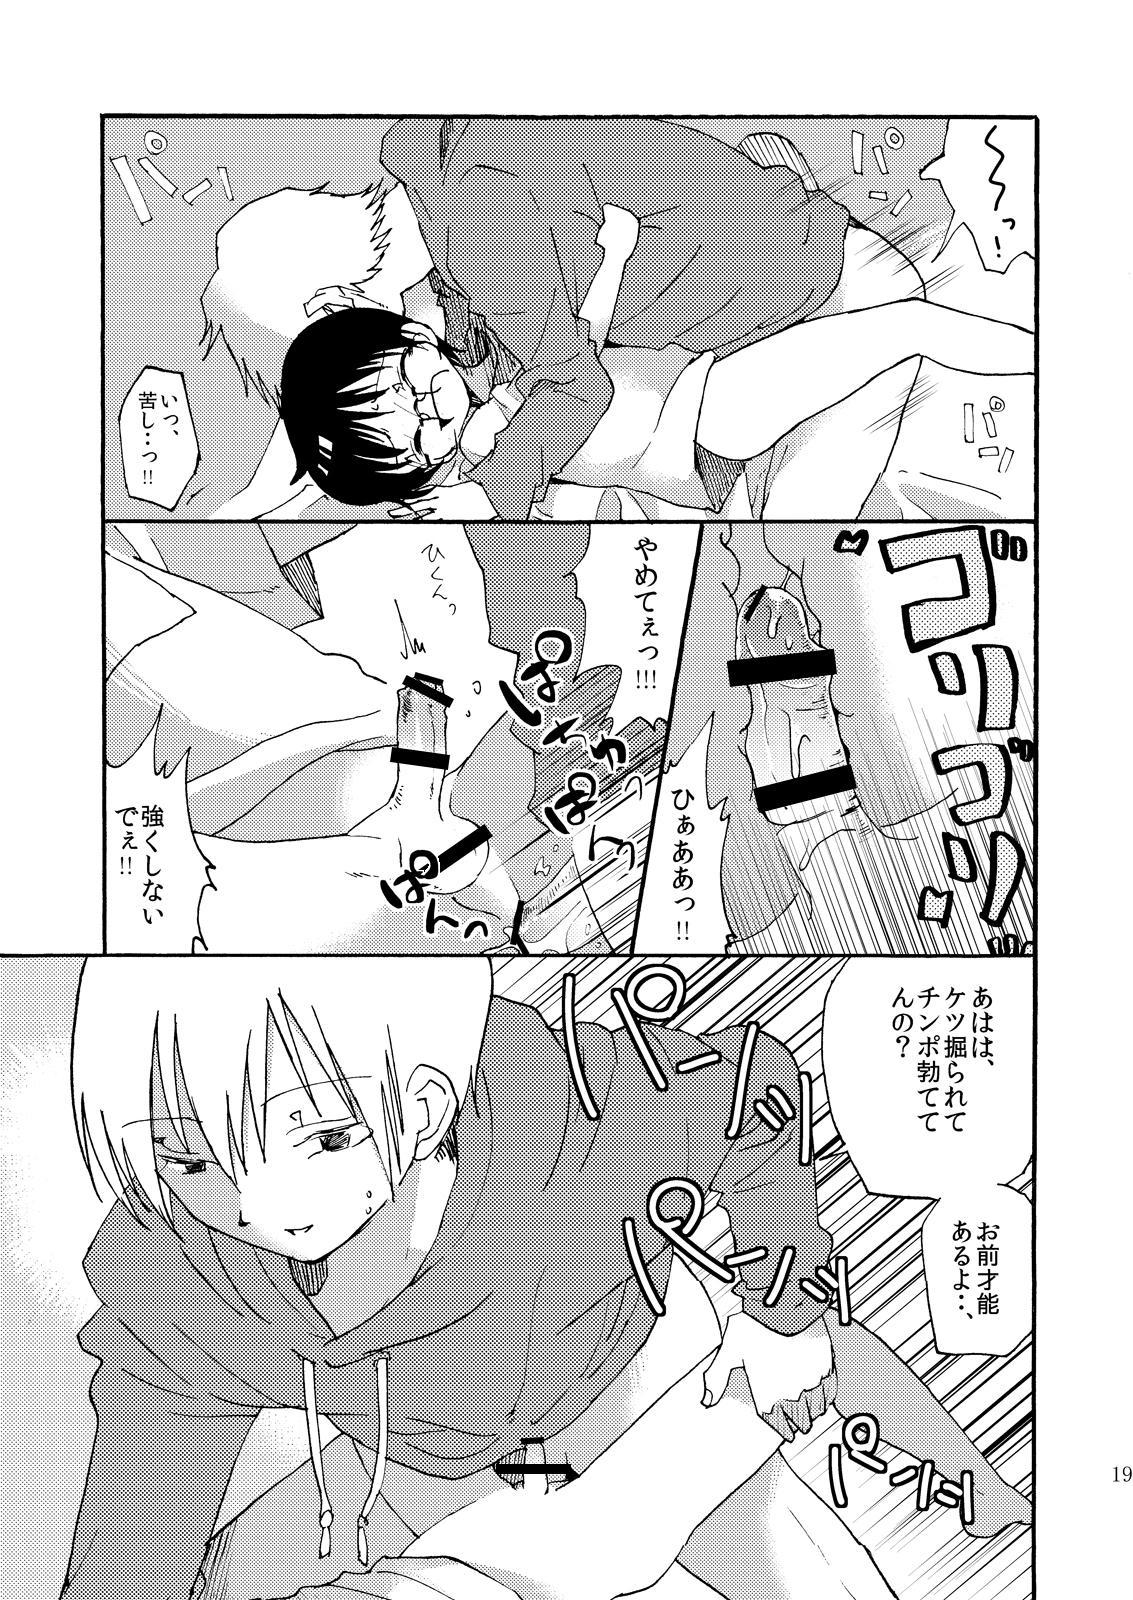 Yuugure Doki no ♂ Gakusei 17